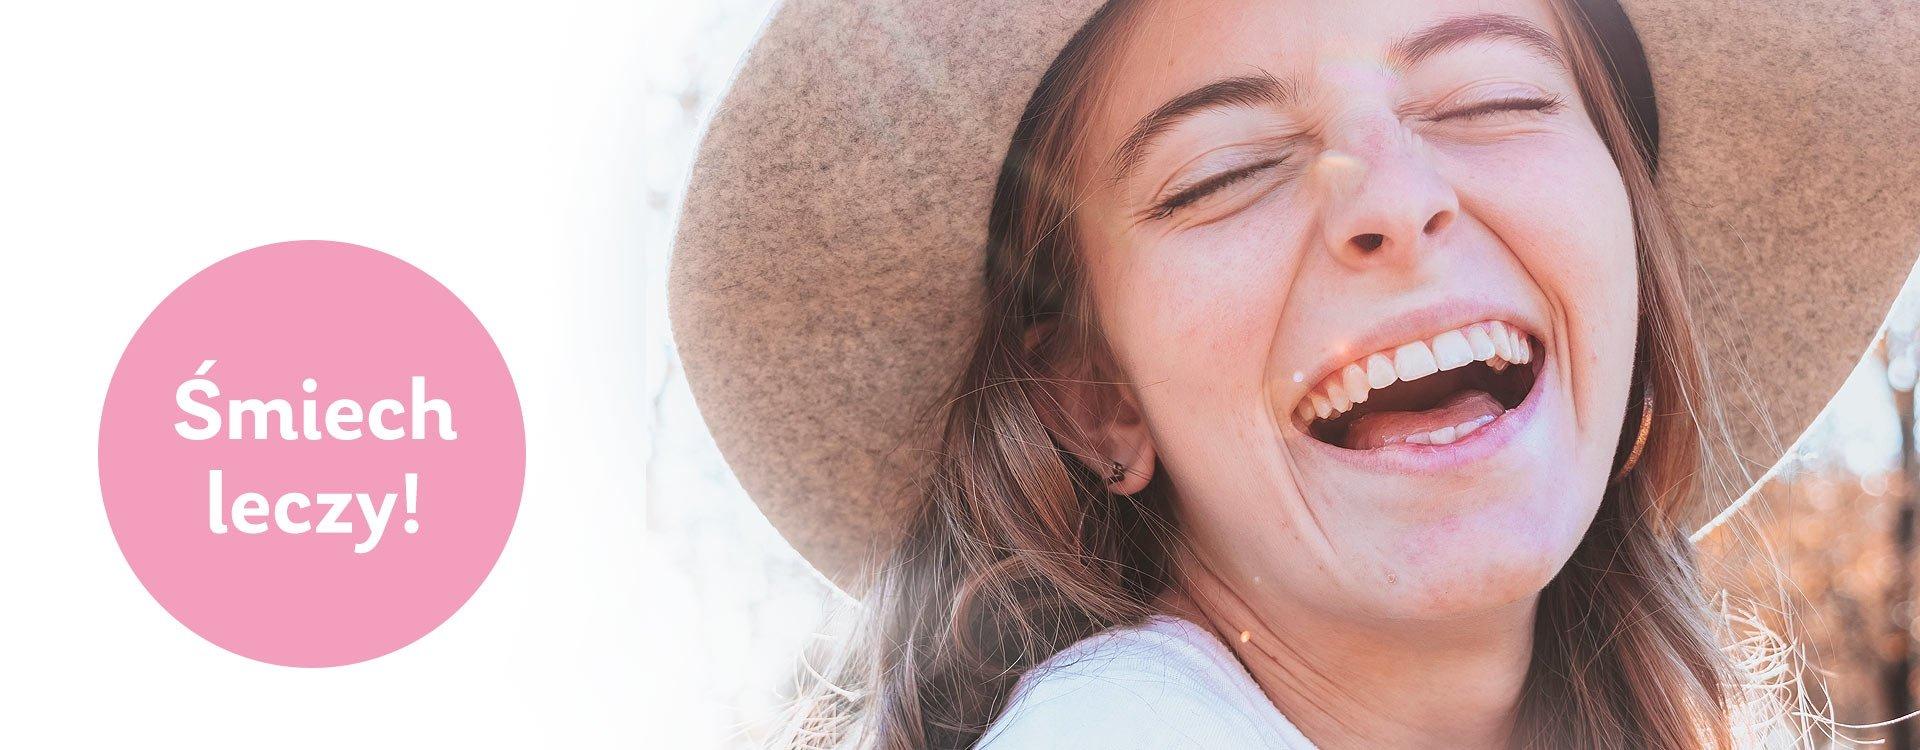 Terapia śmiechem? Poznaj sprawdzone metody na jego wywołanie!